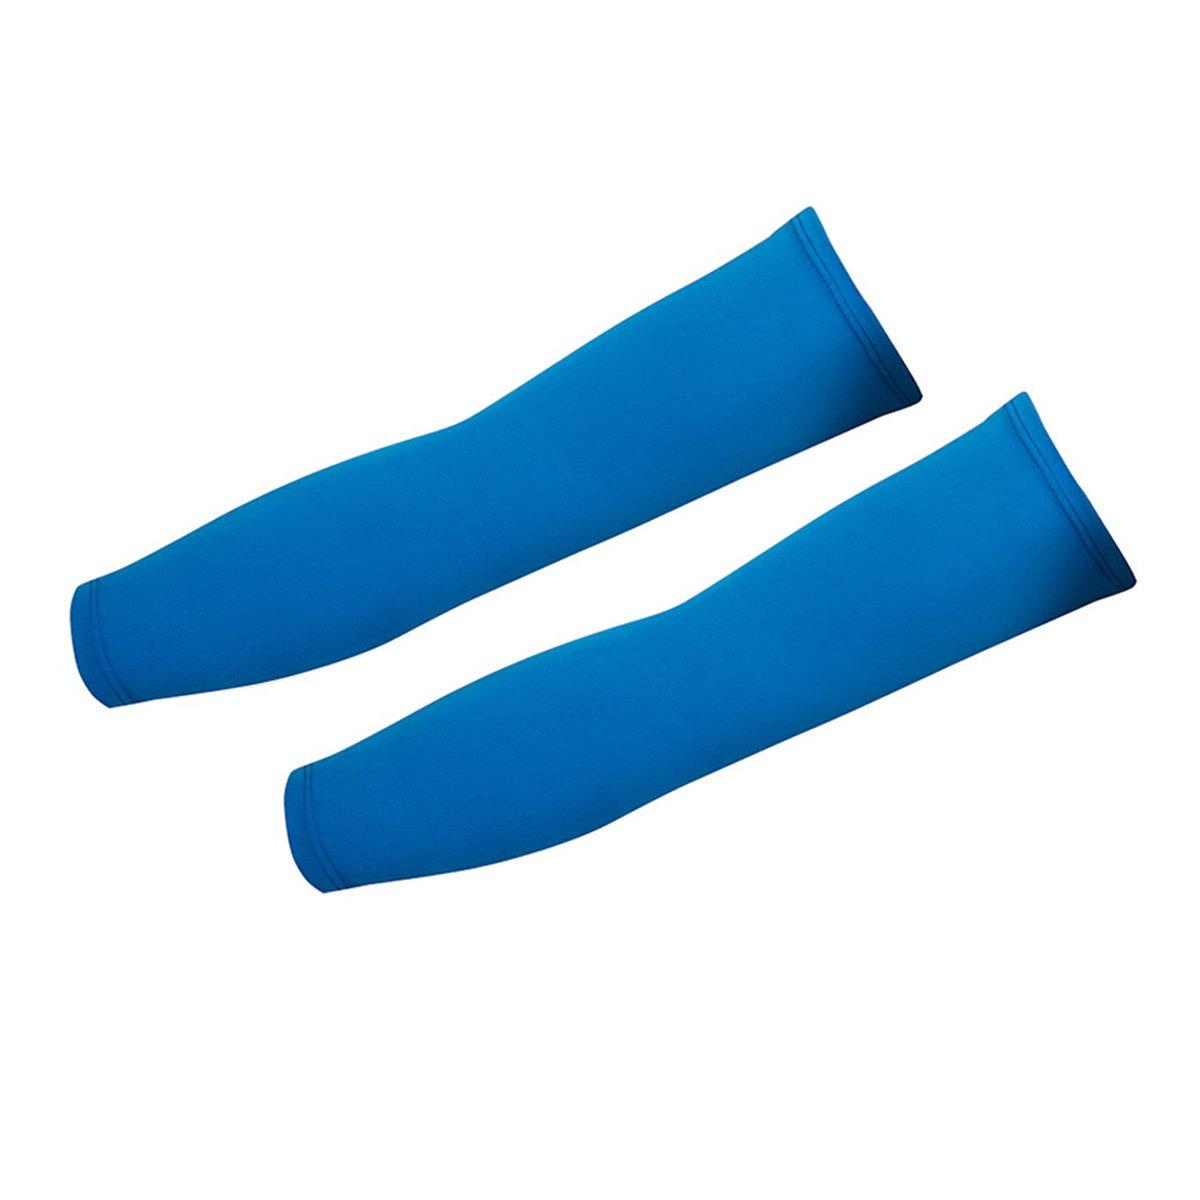 Aivtalk, coppia di scaldamuscoli, unisex, in elastan traspirante, monocolore, per Sport all' aria aperta, Basket corsa, ciclismo, Pesca, protezione solare UV